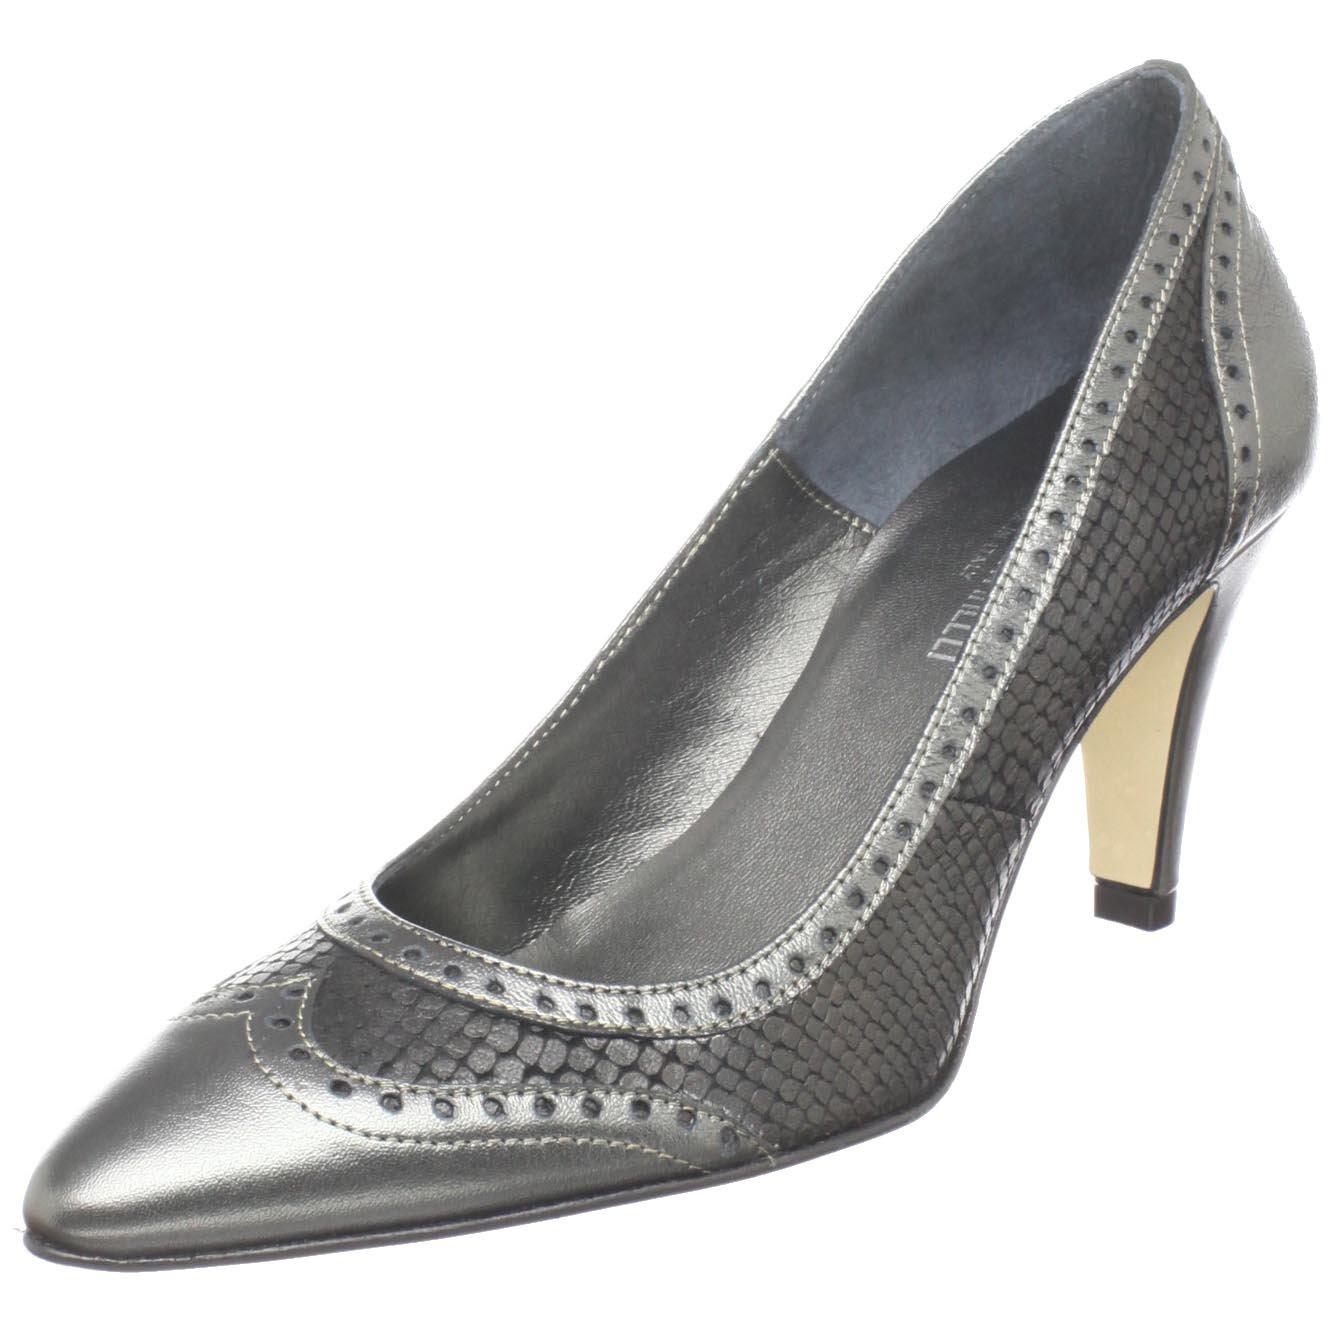 意大利造Renzo Fontanelli Women's Opt Pump女士真皮高跟鞋1.6折$44.7